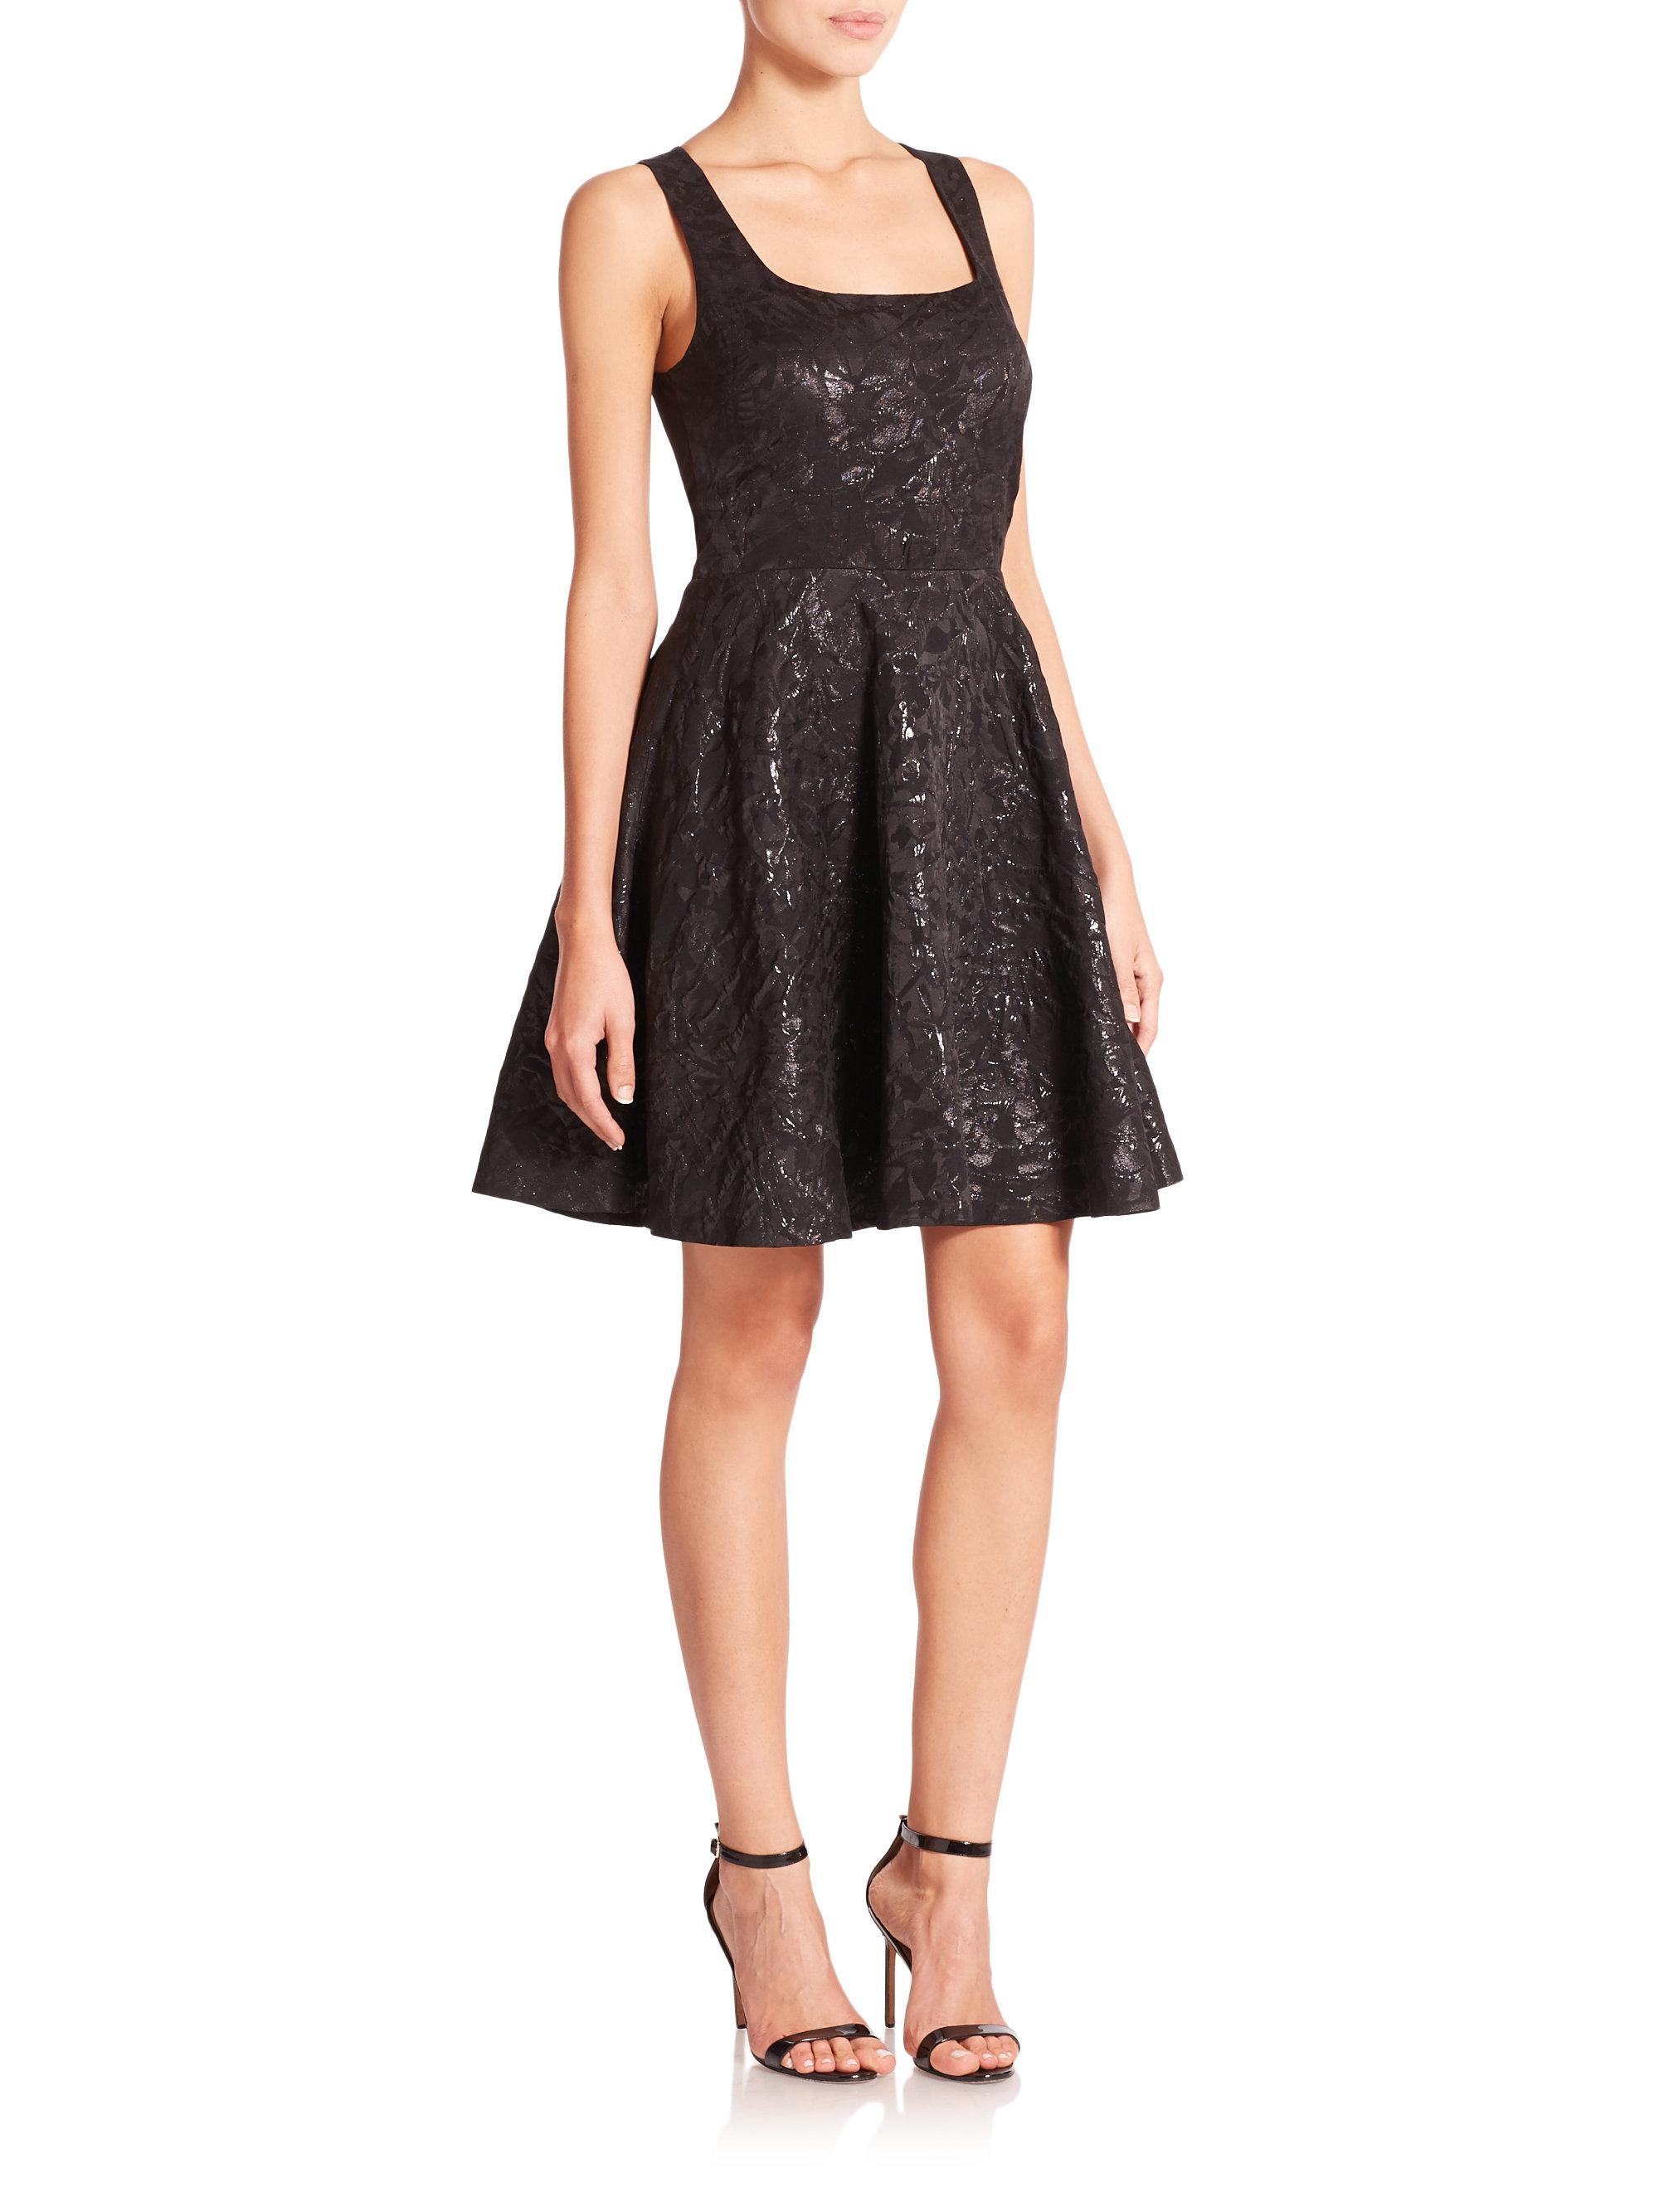 Diane Von Furstenberg Minnie Fit Amp Flare Dress In Black Lyst